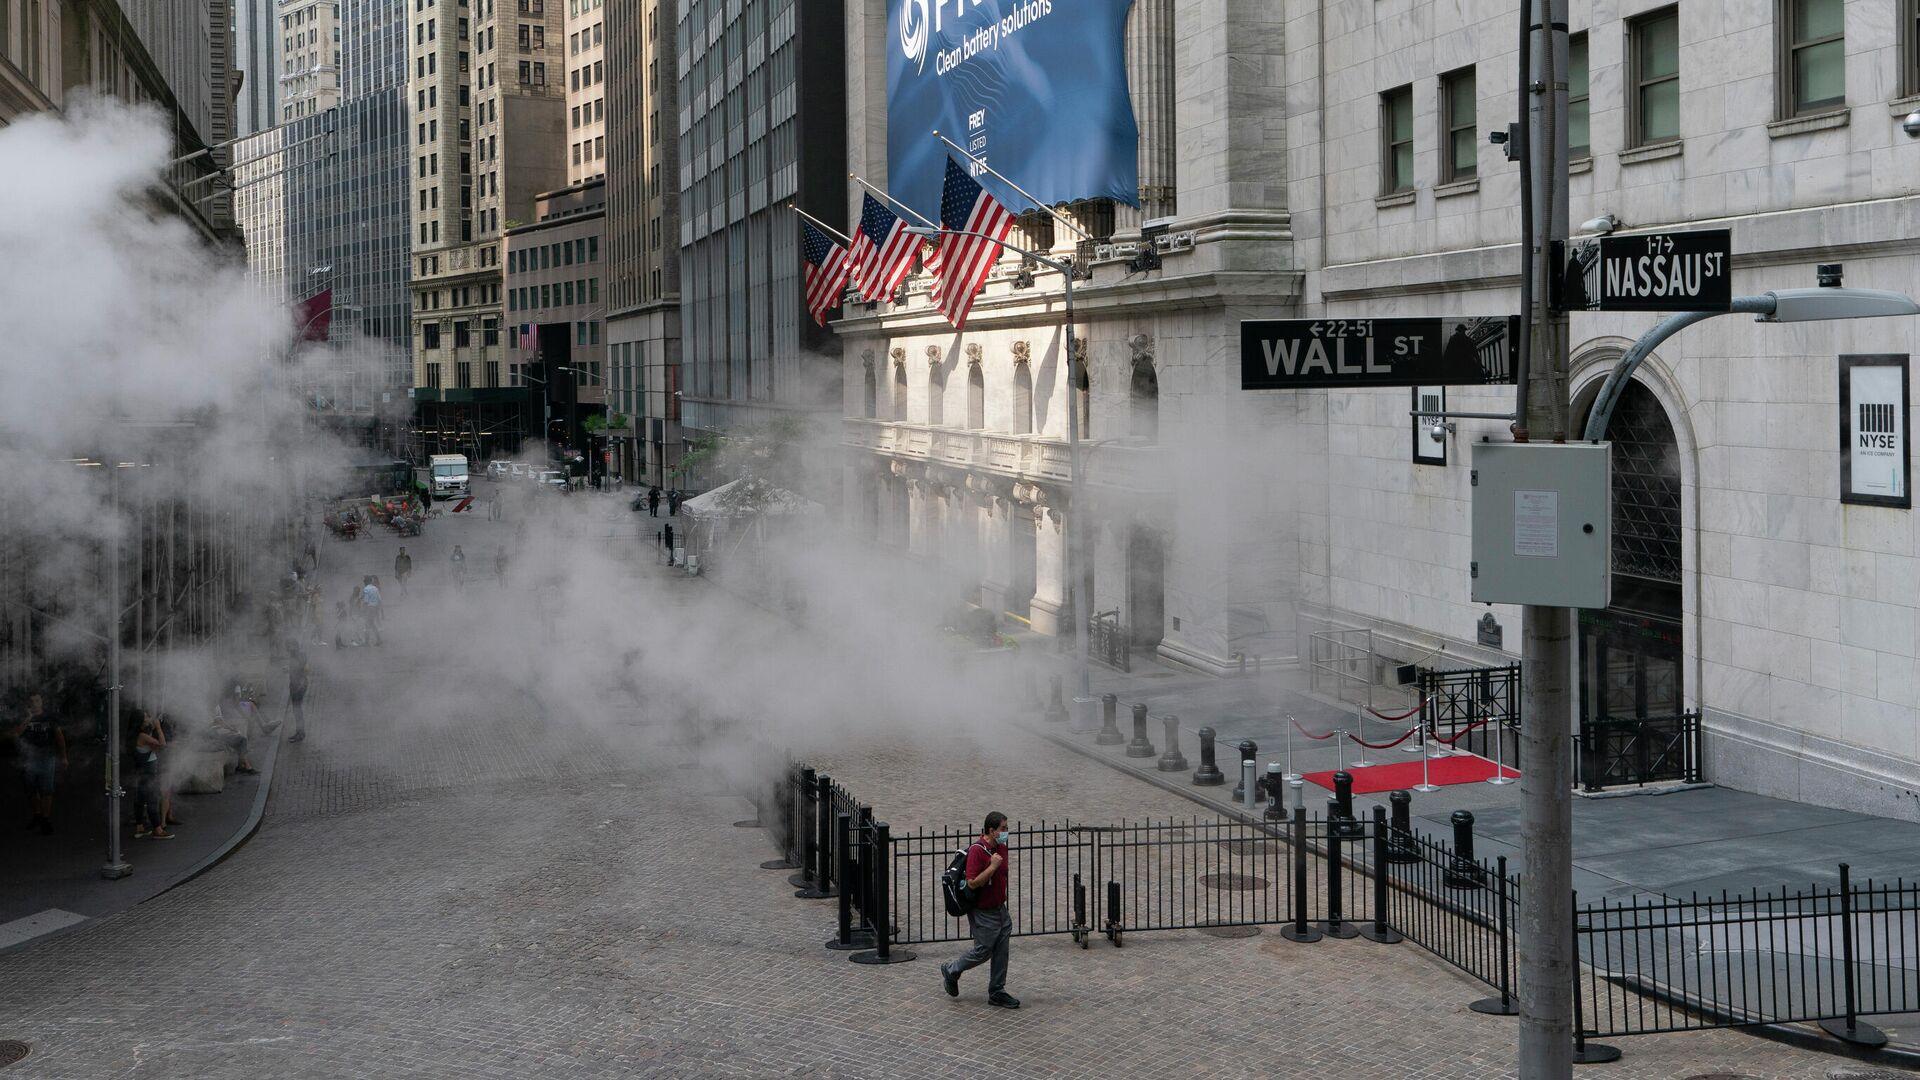 Улица Уолл-стрит в Нью-Йорке - РИА Новости, 1920, 12.07.2021